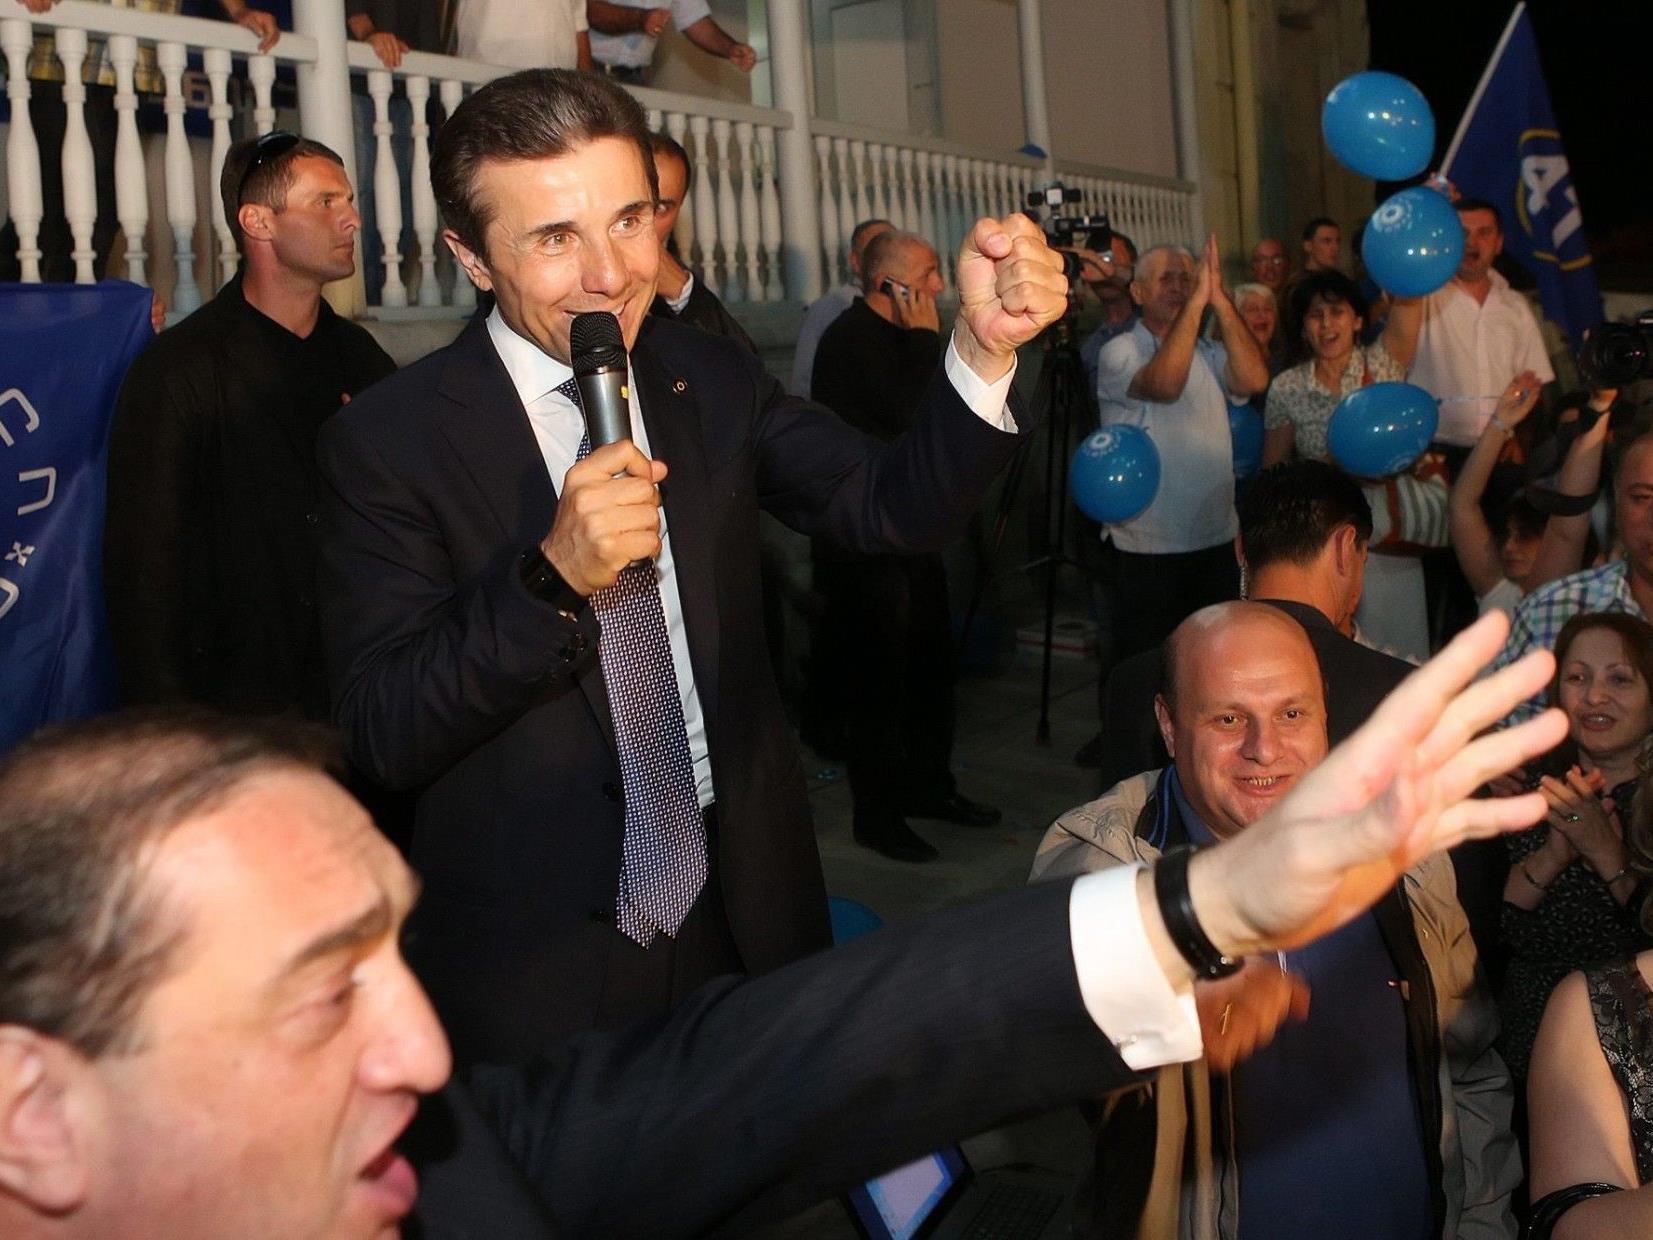 Der georgische Milliardär und Oppositionsführer Iwanischwili.